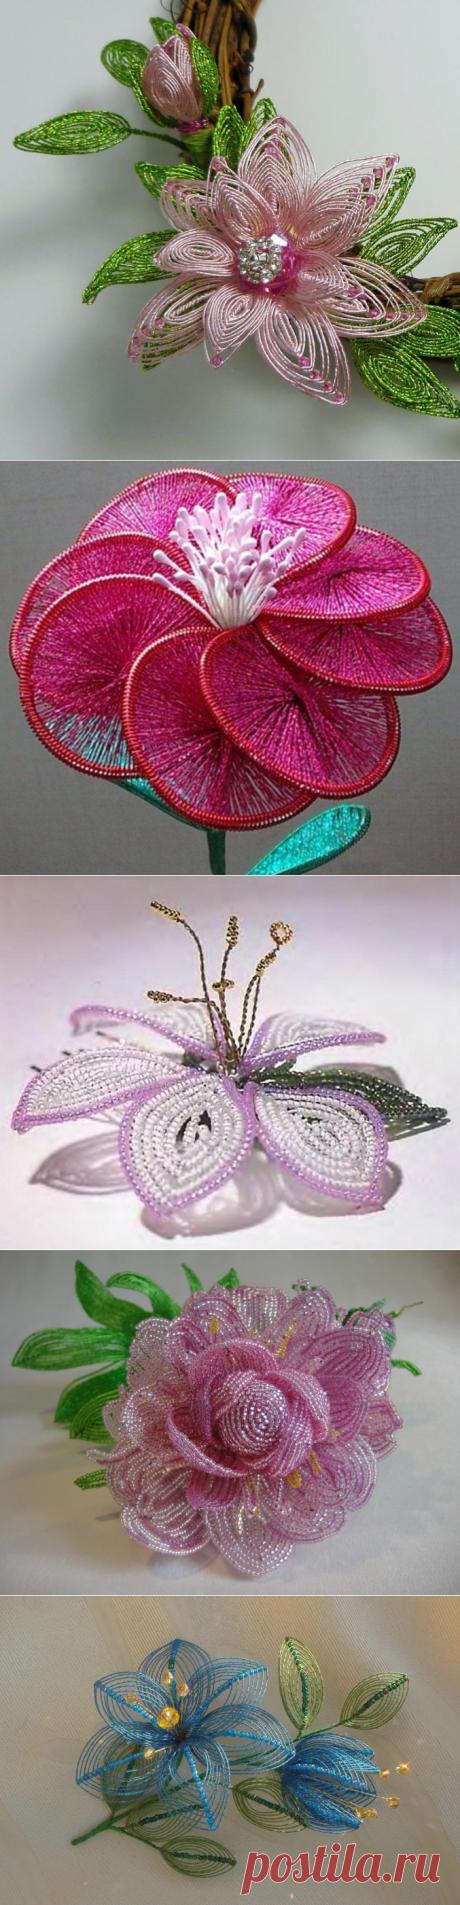 Плетение в технике ганутель — Сделай сам, идеи для творчества - DIY Ideas